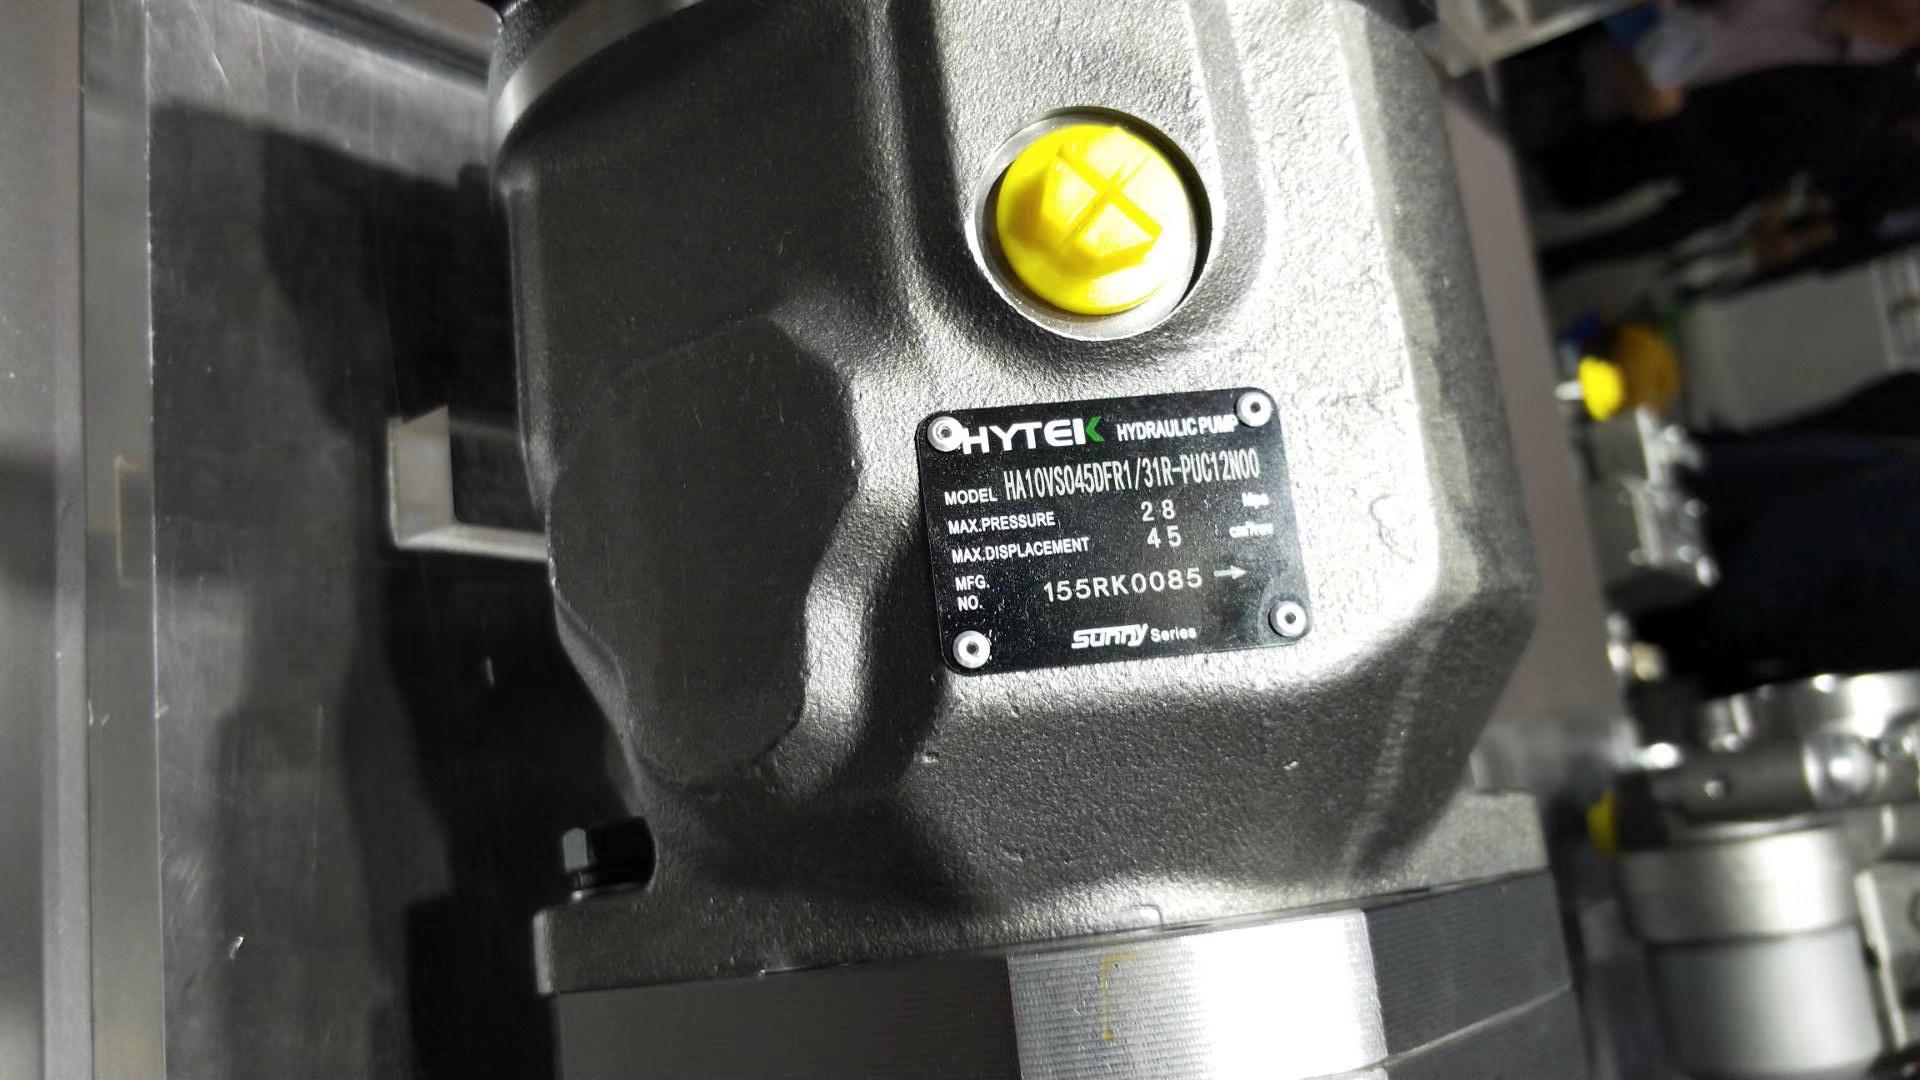 Bơm thủy lực HYTEK HA10VS045DFR1/31R-PUC12N00